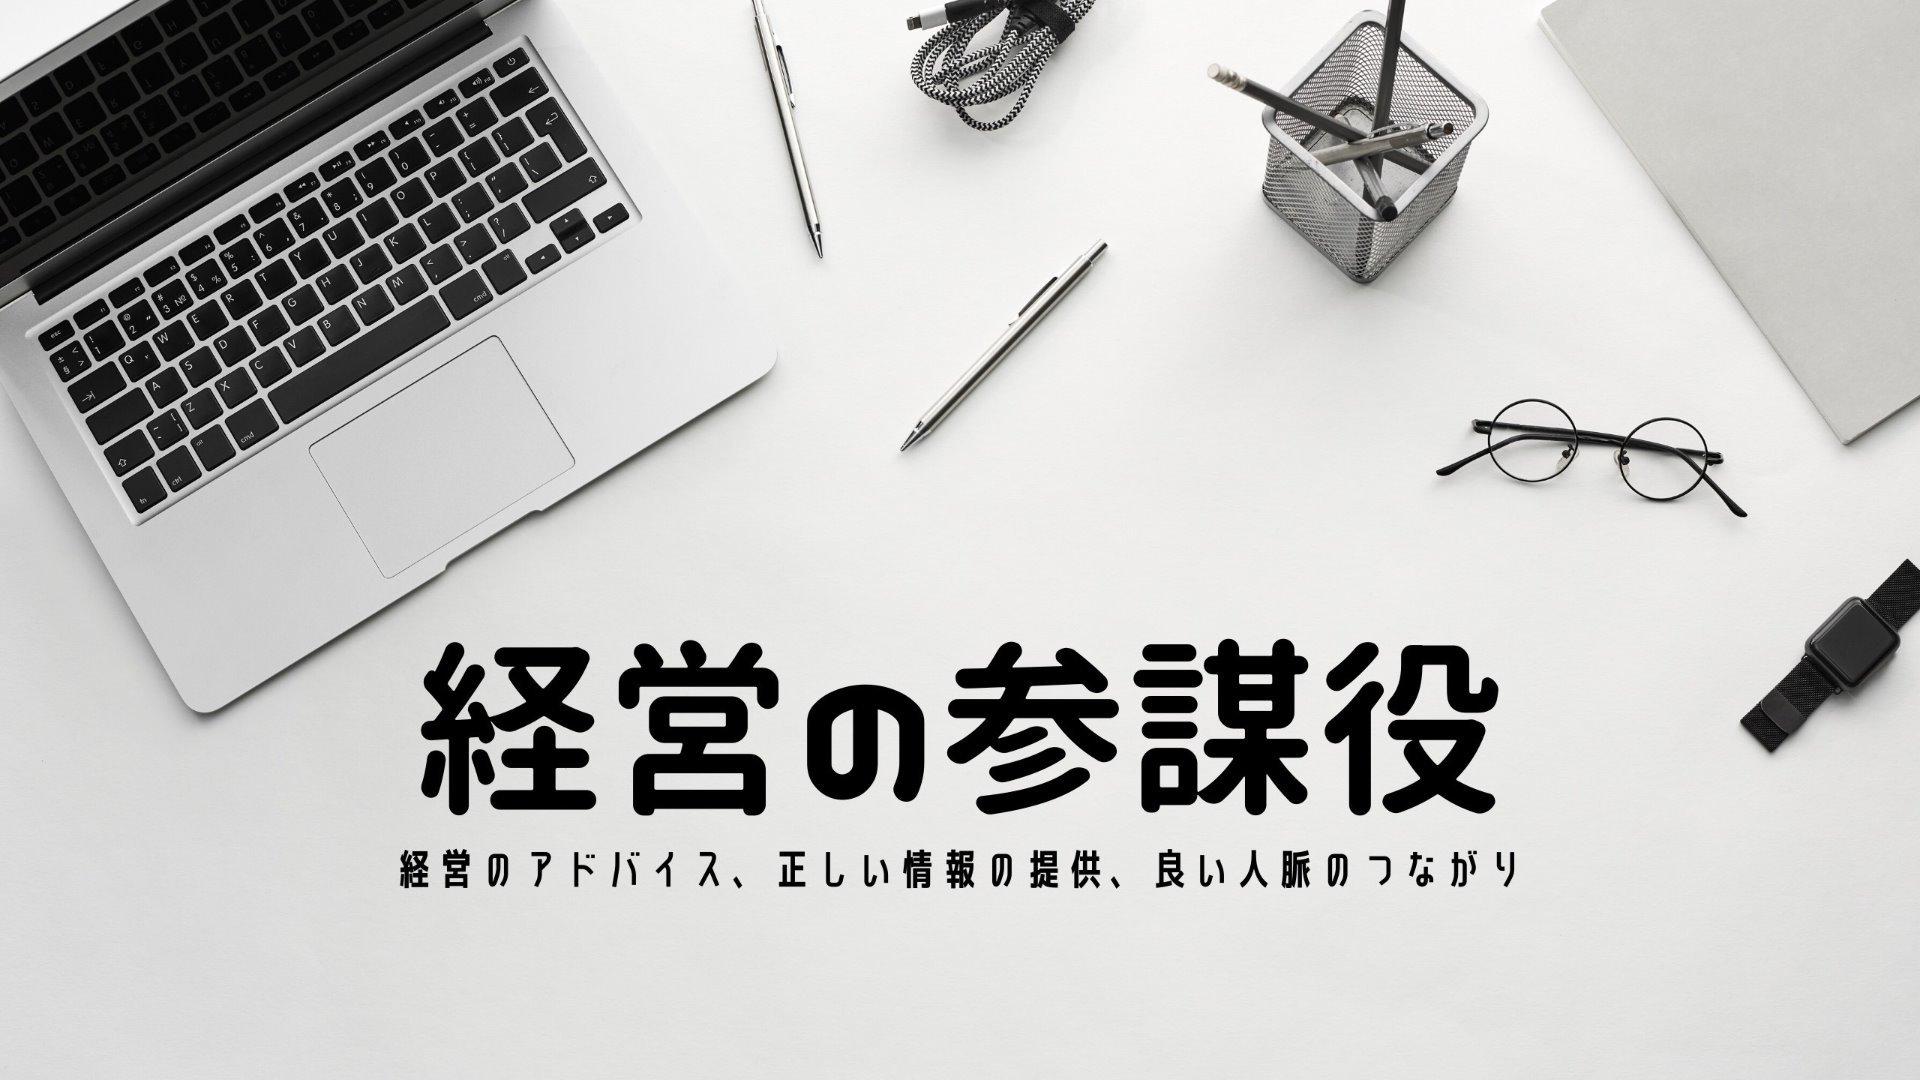 原口智架誌 - 経営の参謀役 - DMM オンラインサロン